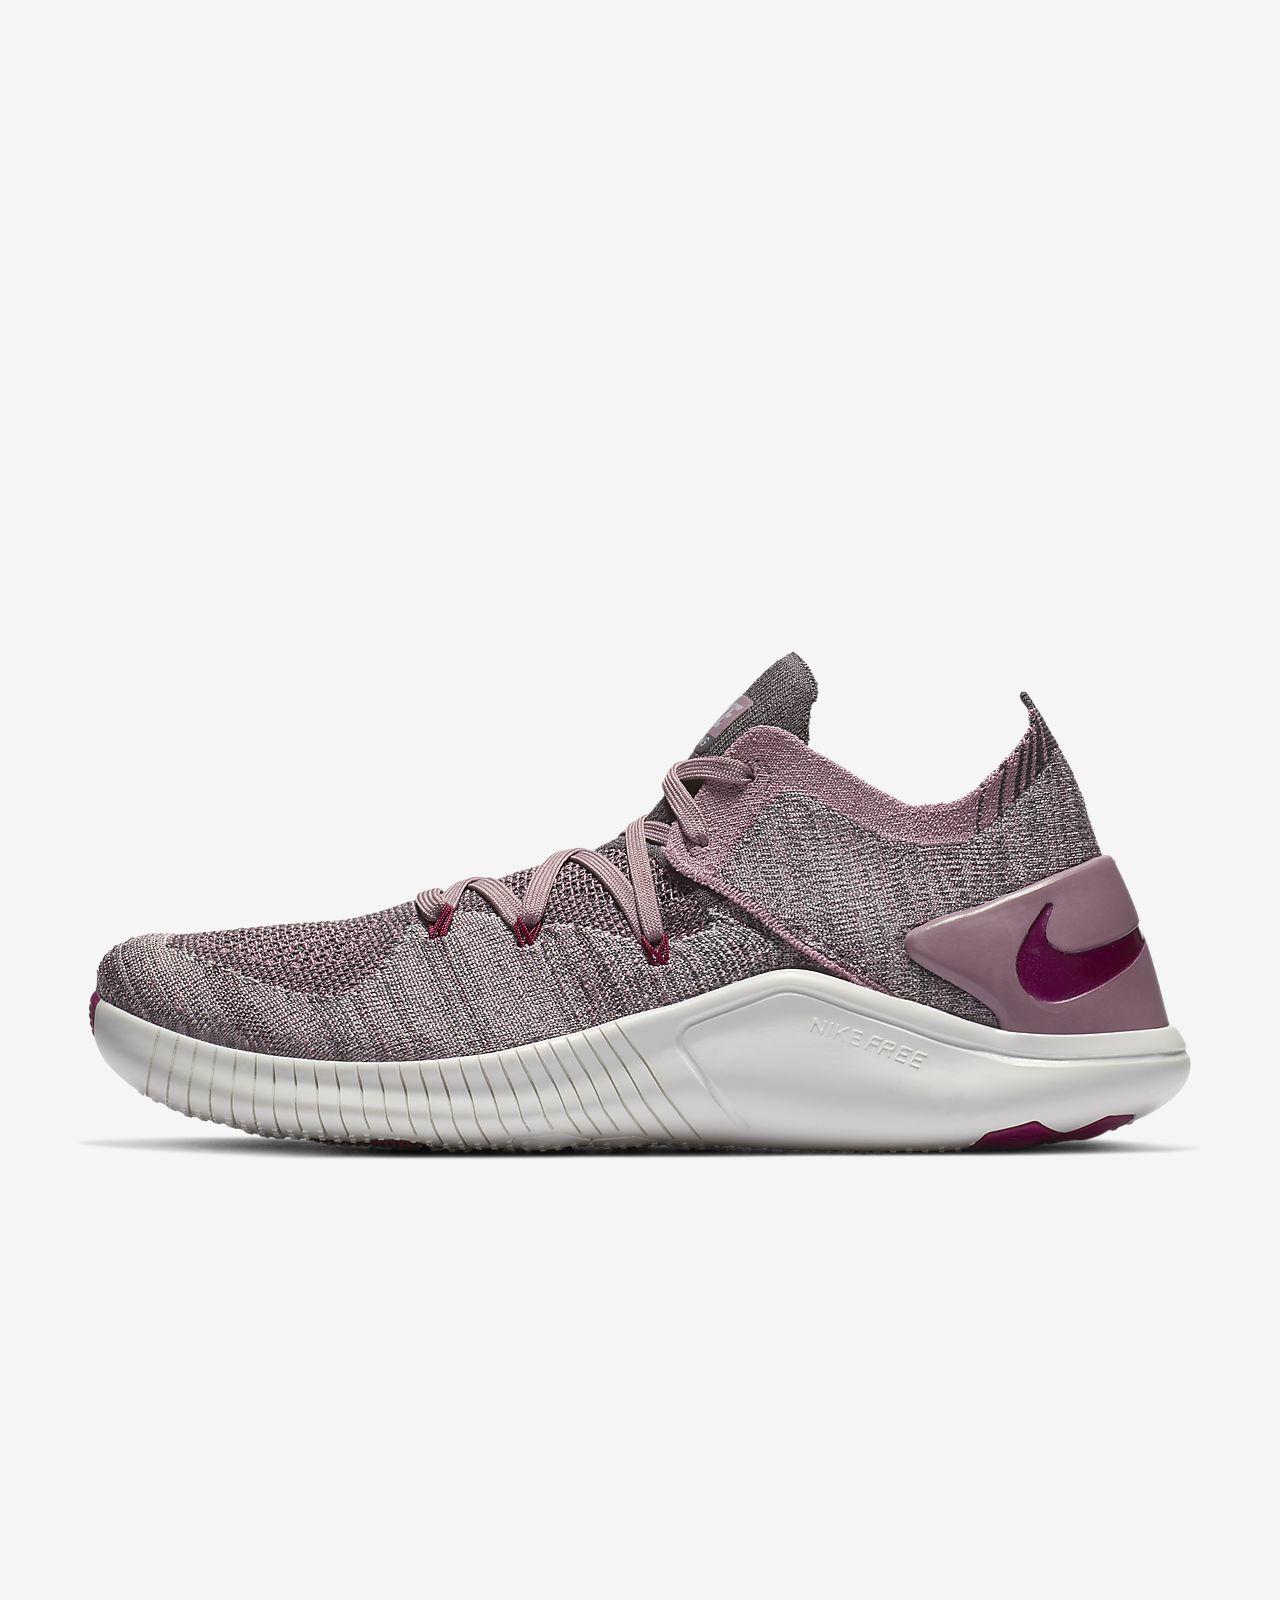 online retailer 6941d 2f5e6 ... Damskie buty do ćwiczeń na siłowni/treningu HIIT/treningu przekrojowego Nike  Free TR Flyknit